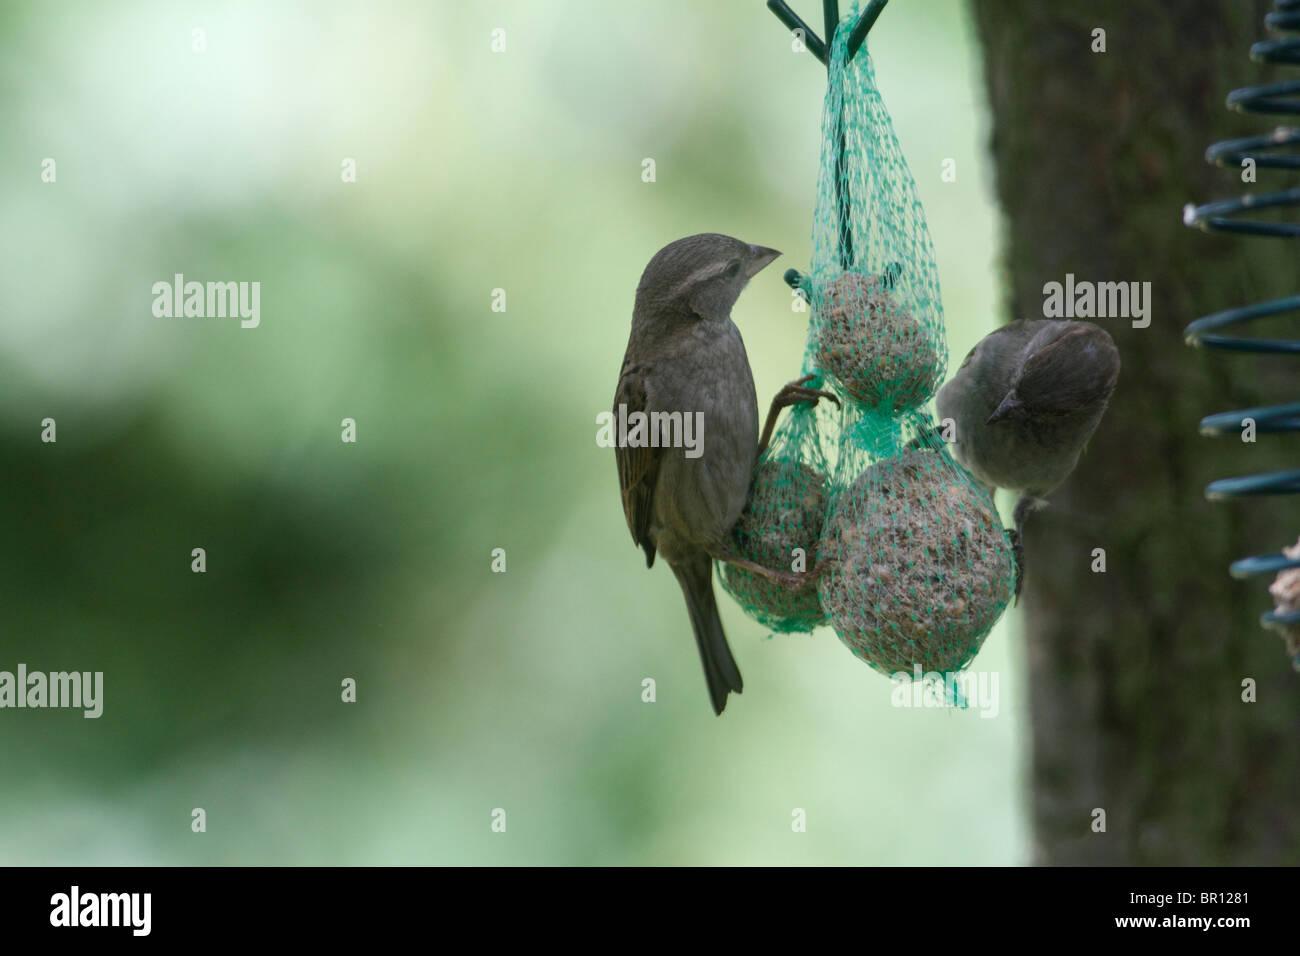 Hembra Passer domesticus gorrión, alimentándose de una bola de grasa alimentador en un jardín interno Foto de stock